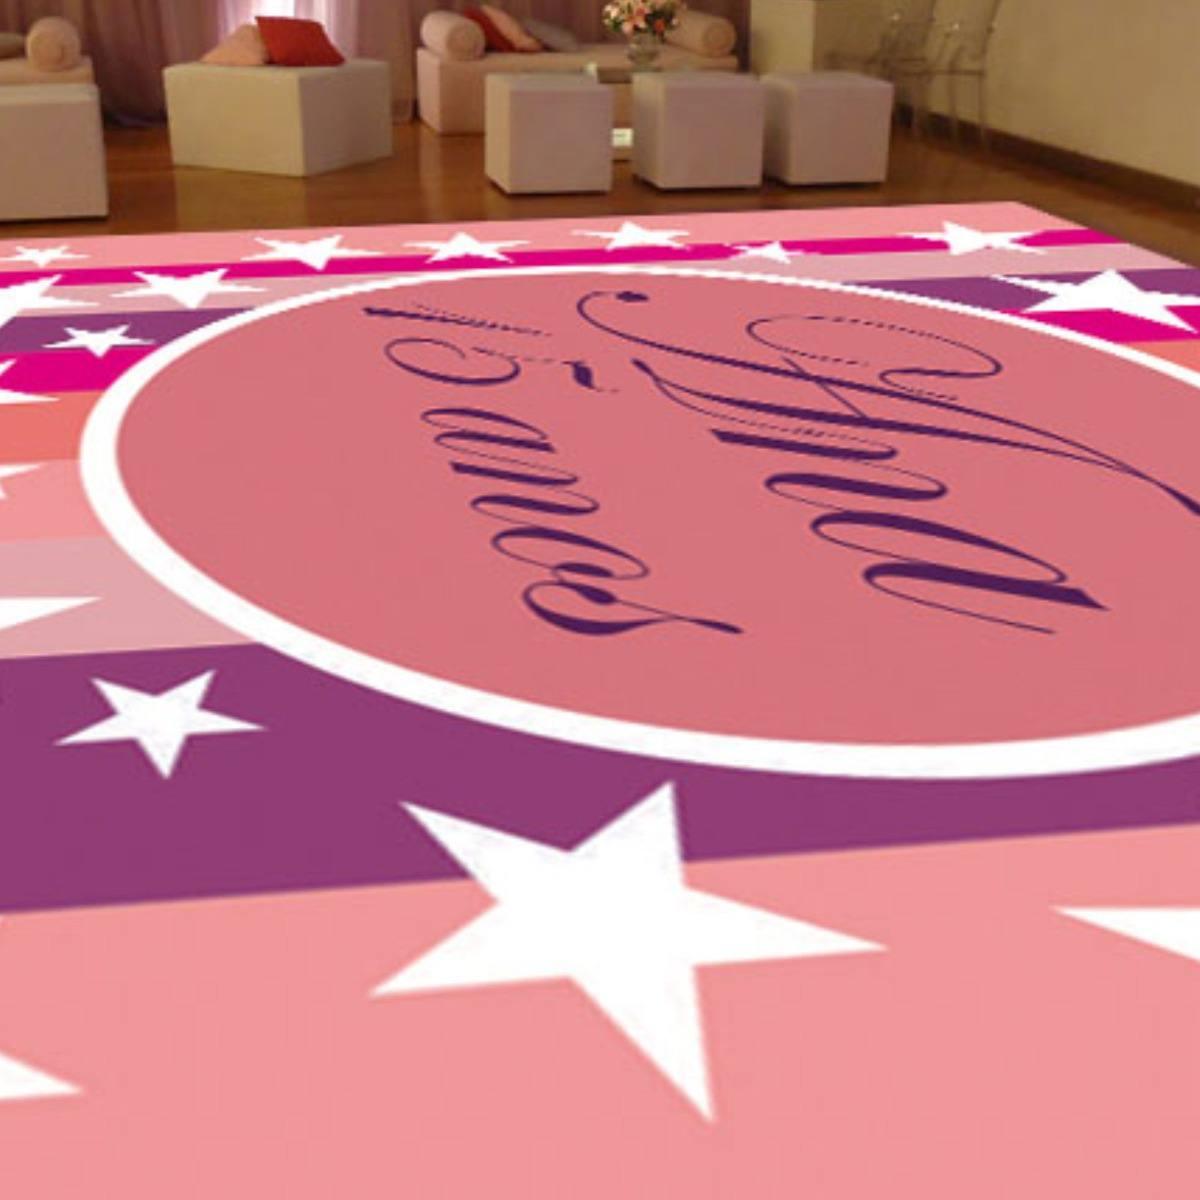 Adesivo Pista de Dança para Festa Personalizado